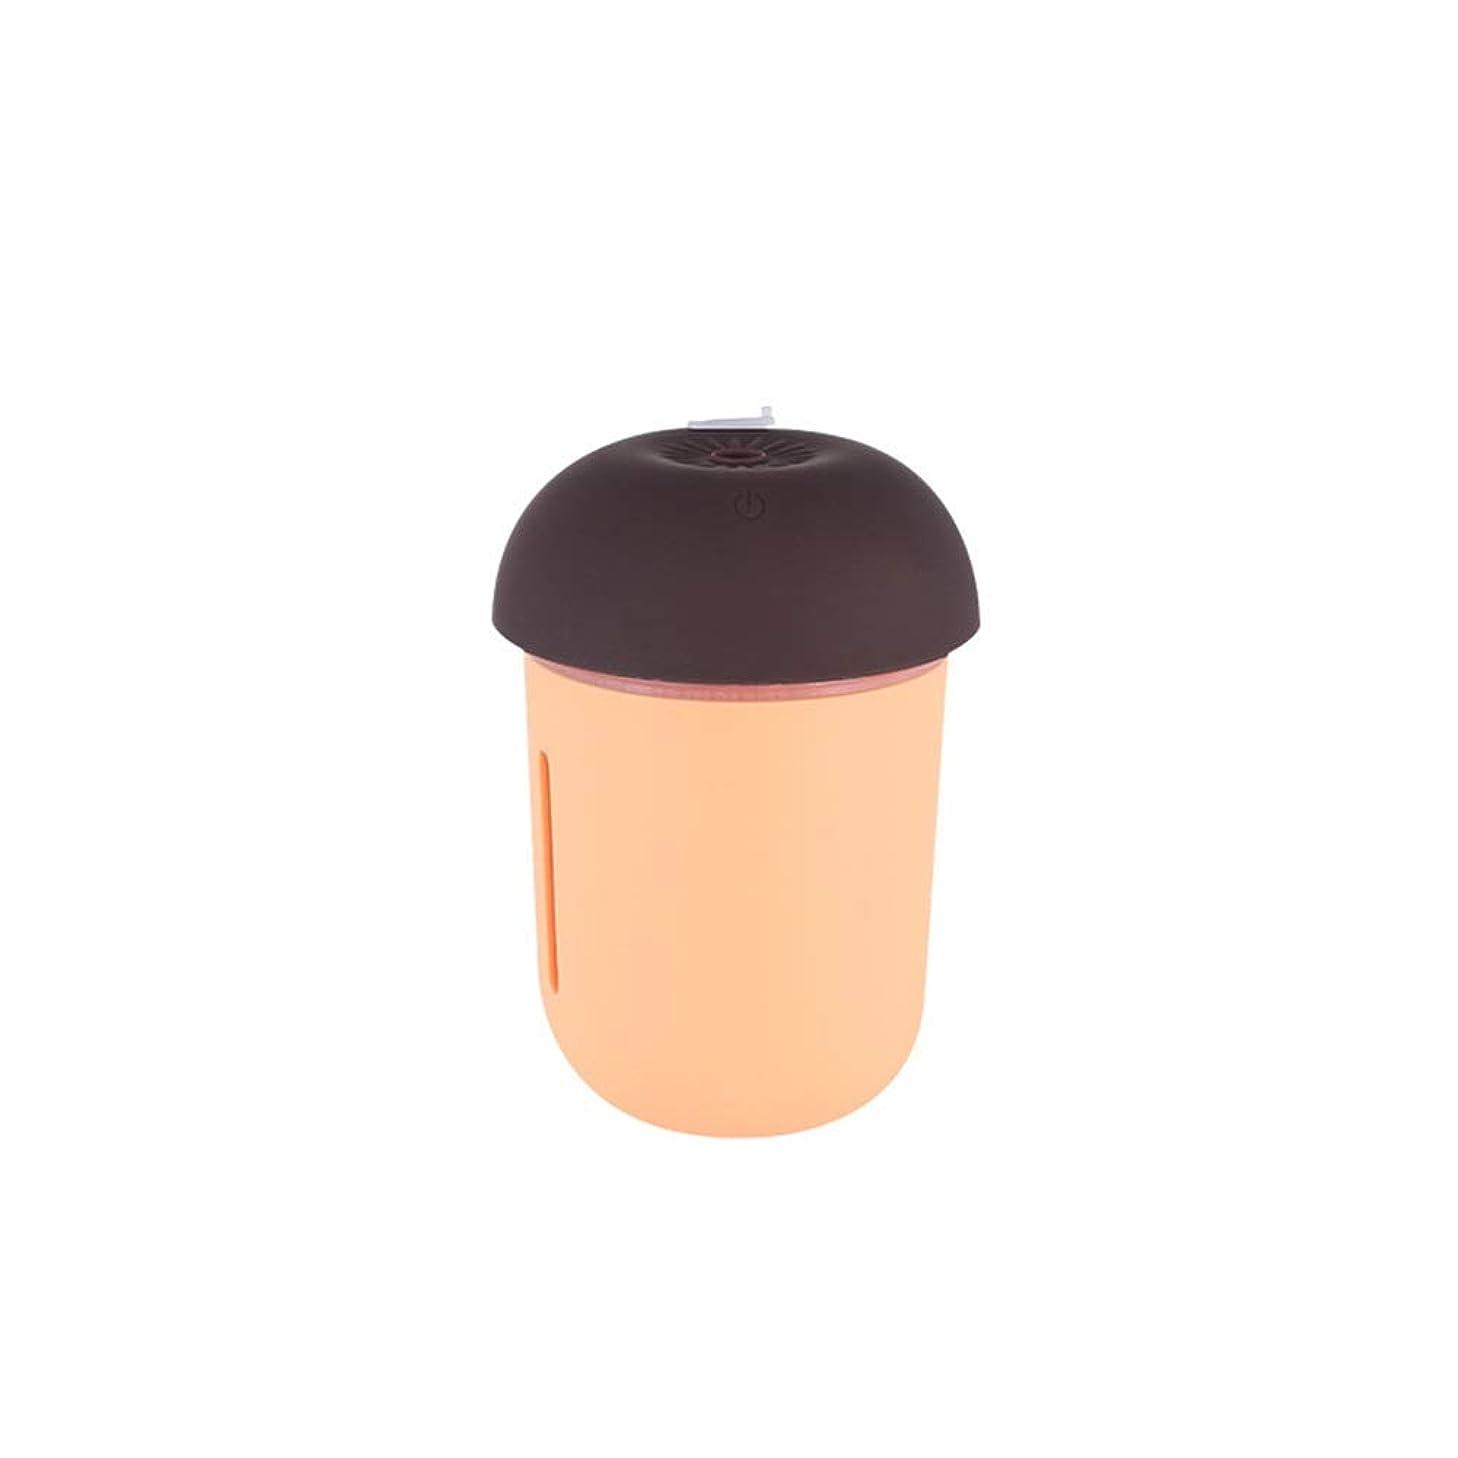 期待する分離する宿泊施設ZXF 新しいクリエイティブusb充電車の空気清浄機多機能水道メーターファンナイトライトスリーインワンきのこ加湿器オレンジピンク 滑らかである (色 : Orange)